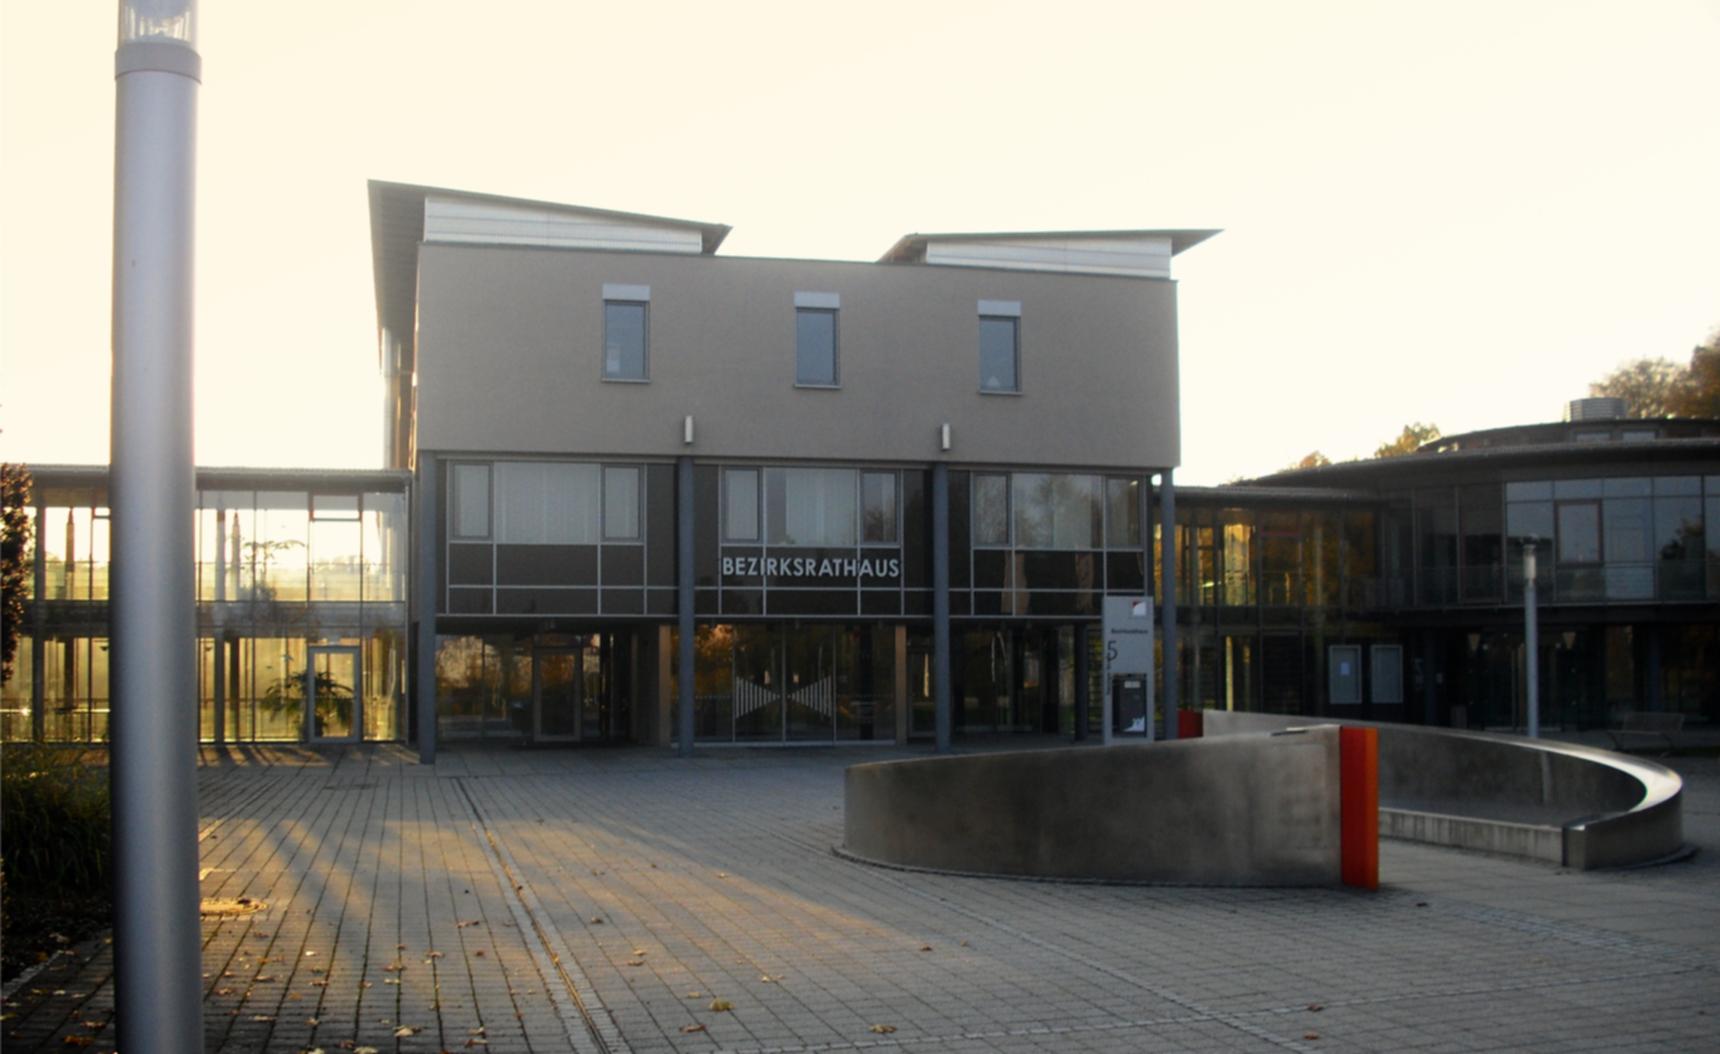 Diesen Donnerstag findet ab 9:00 Uhr die konstituierenden Sitzung des neugewählten Bezirkstages im Bezirksrathaus in Ansbach statt (Danziger Straße 5, Ansach, Saal Mittelfranken). Die Sitzung ist öffentlich. Über Gäste zu meiner Vereidigung würde ich mich freuen.